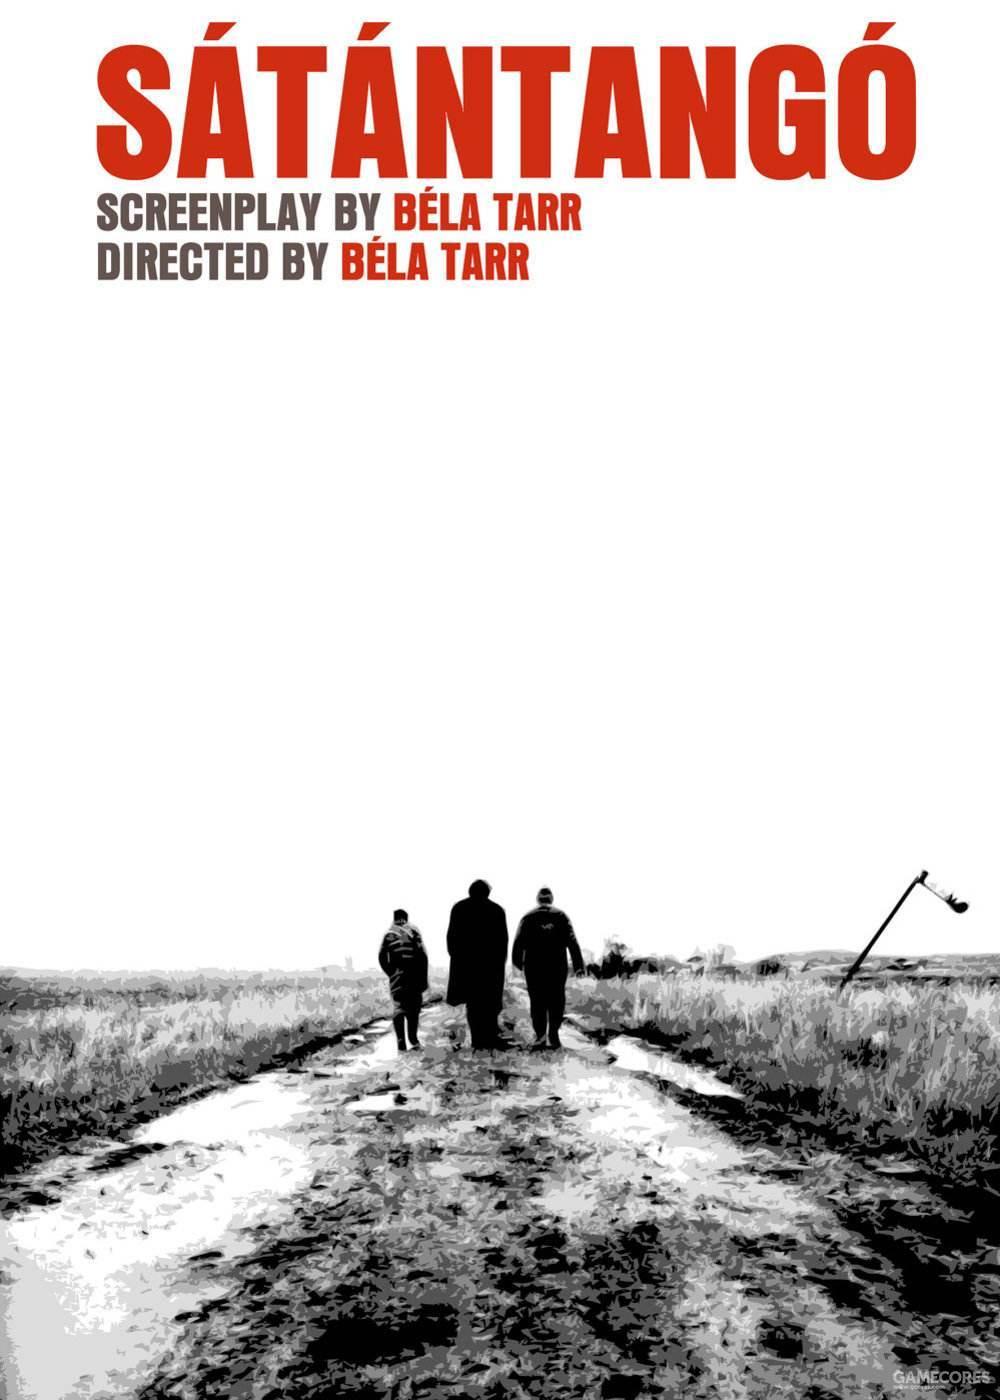 2.《撒旦探戈》(Sátántangó)、贝拉·塔尔、7小时18分的电影